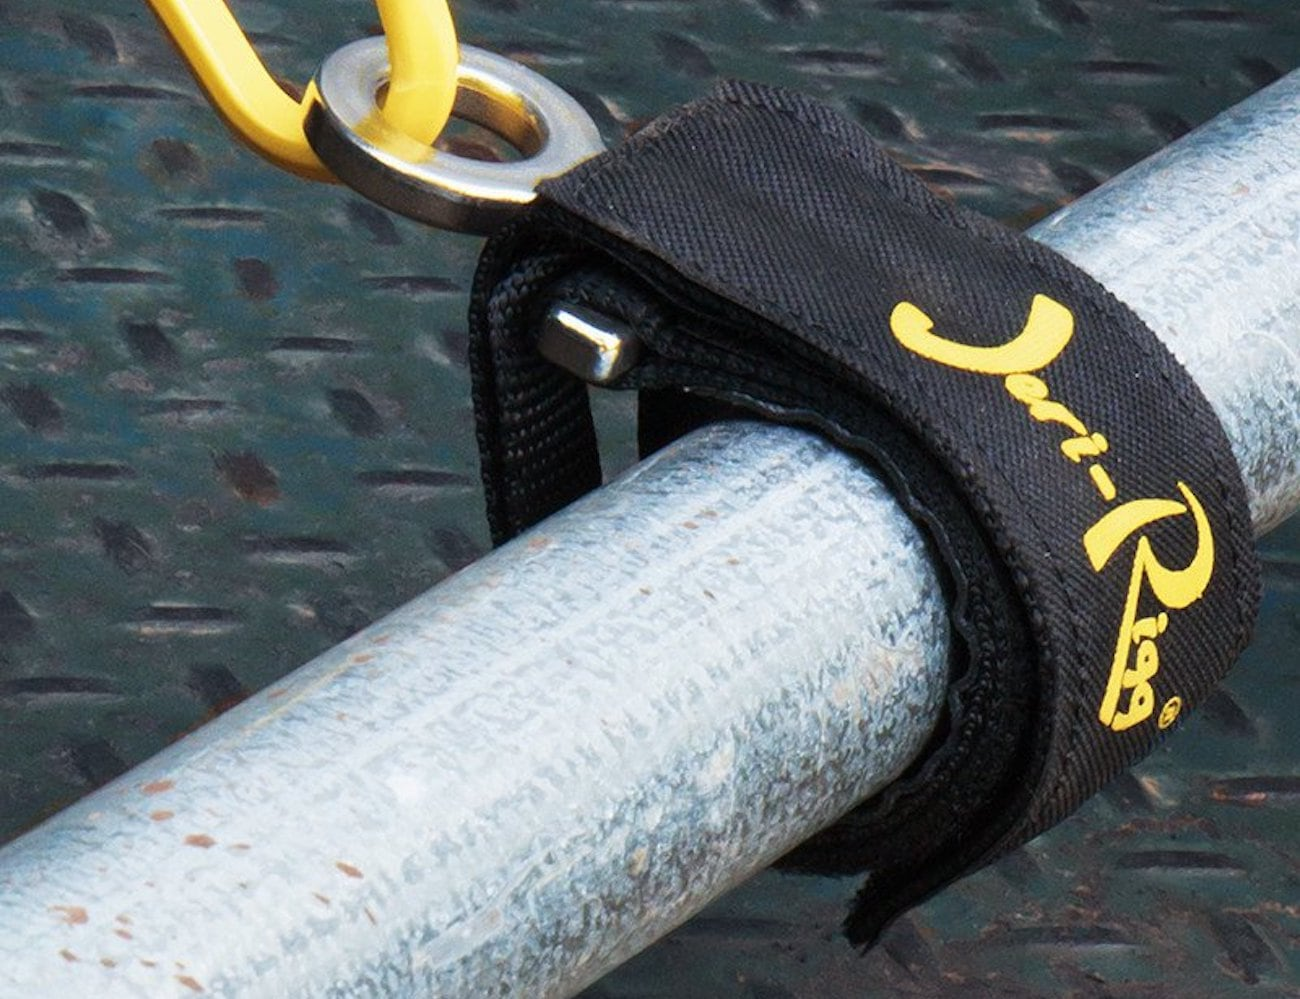 Jeri-Rigg Eye Loop Tie Down